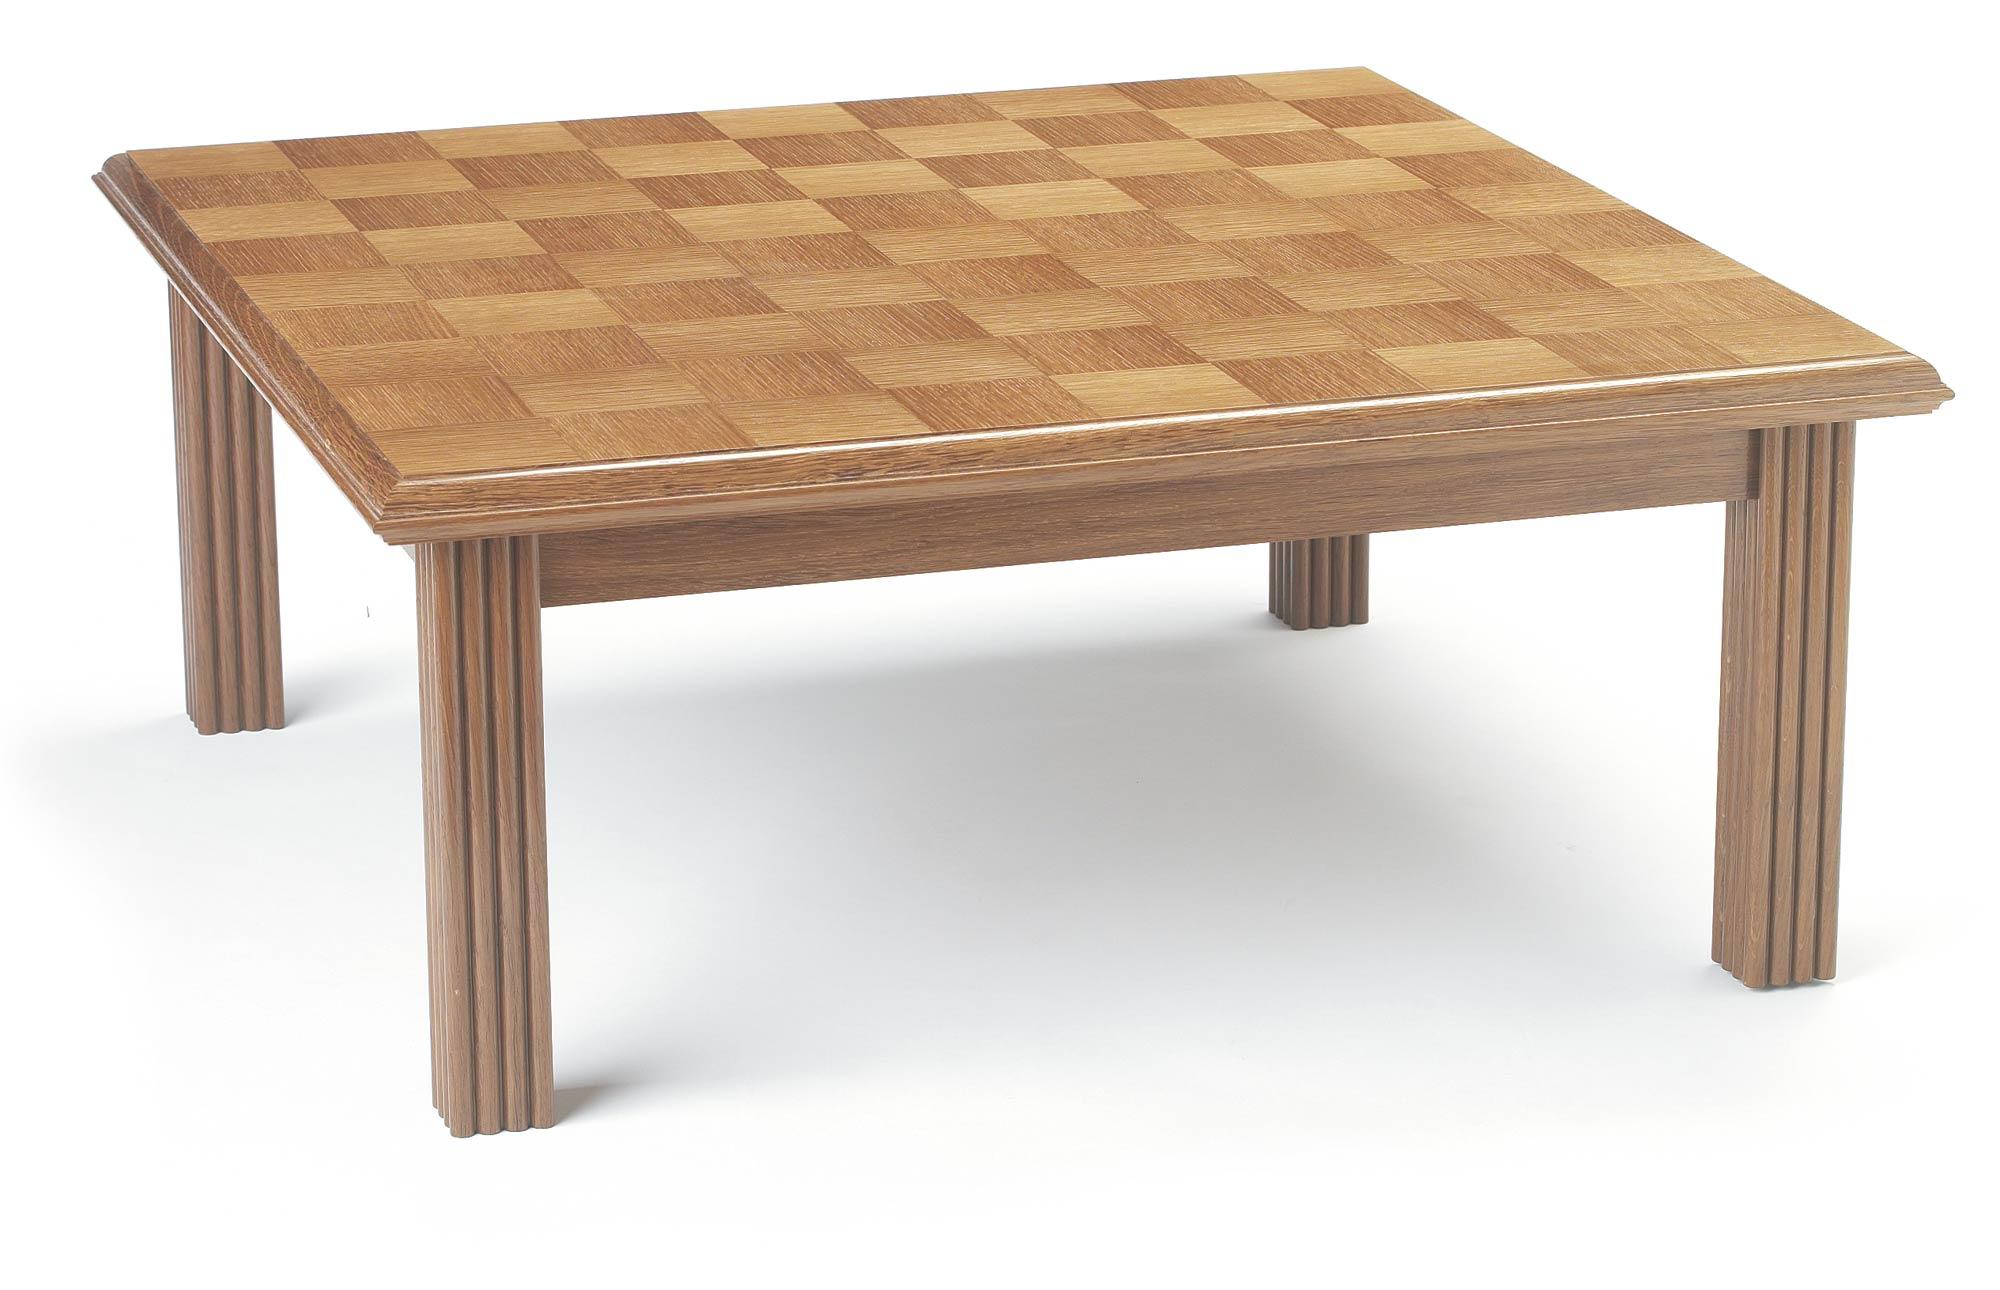 bespoke coffee table in oak | makers' eye